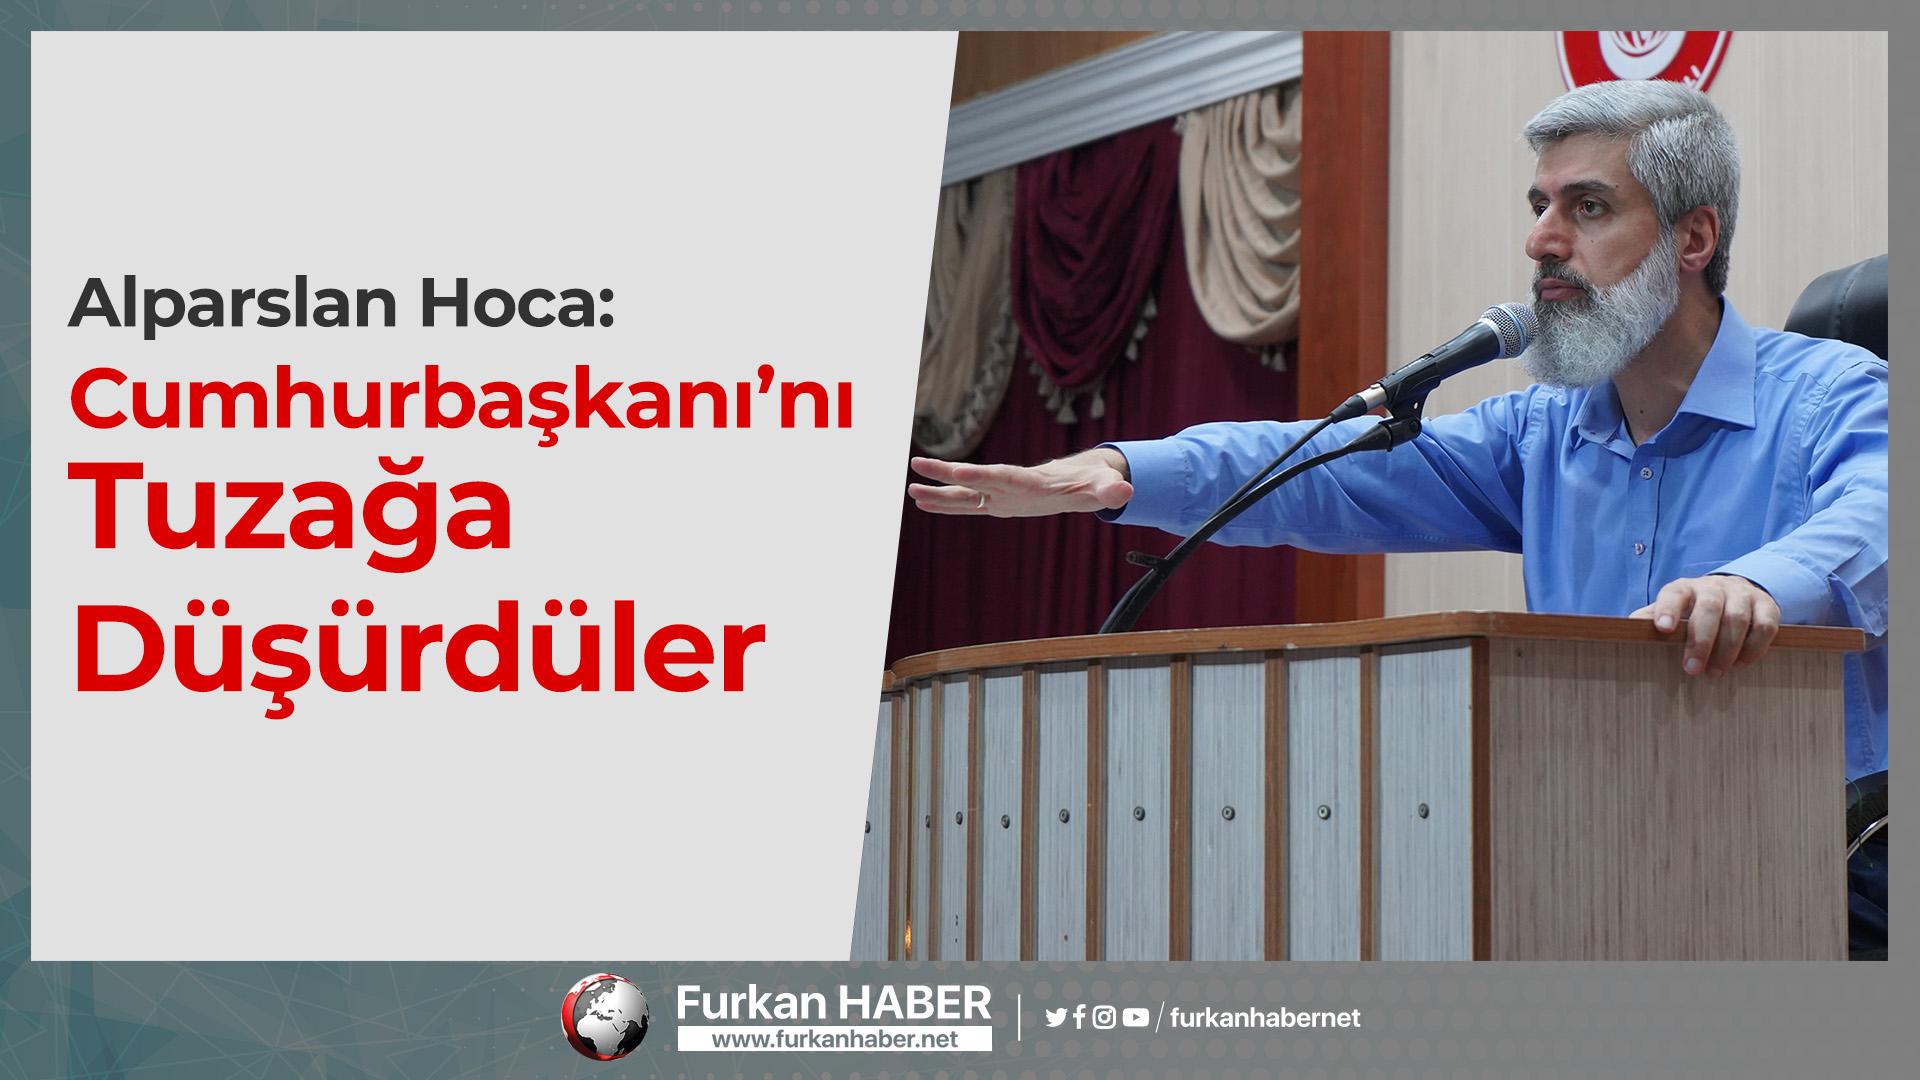 Alparslan Hoca: Cumhurbaşkanı'nı Tuzağa Düşürdüler